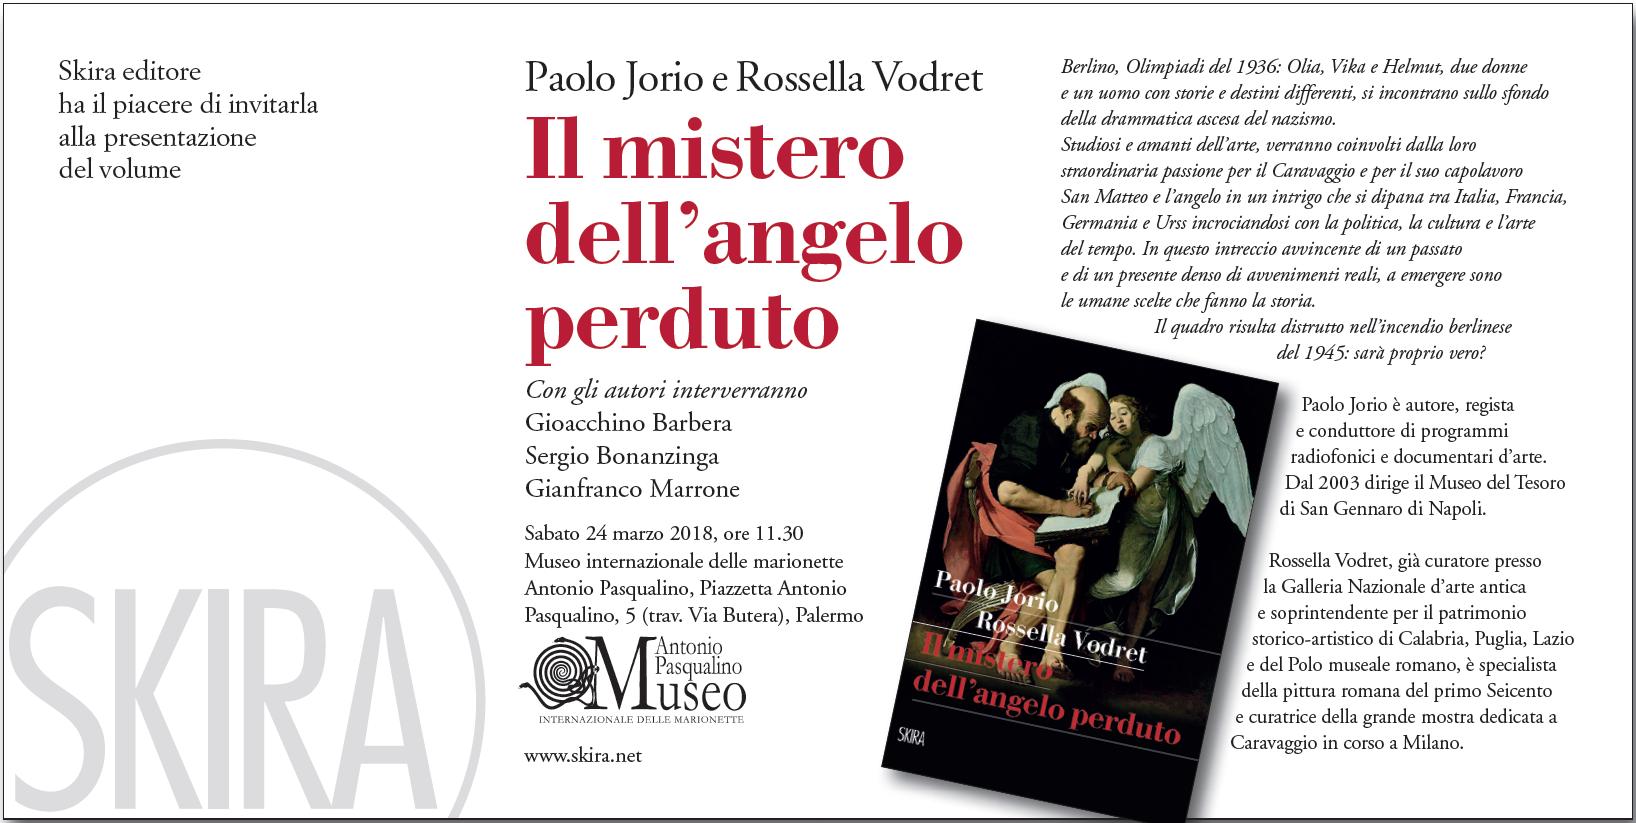 INVITO_Mistero_angelo_perduto_PA_24.3.png - 461.01 kB